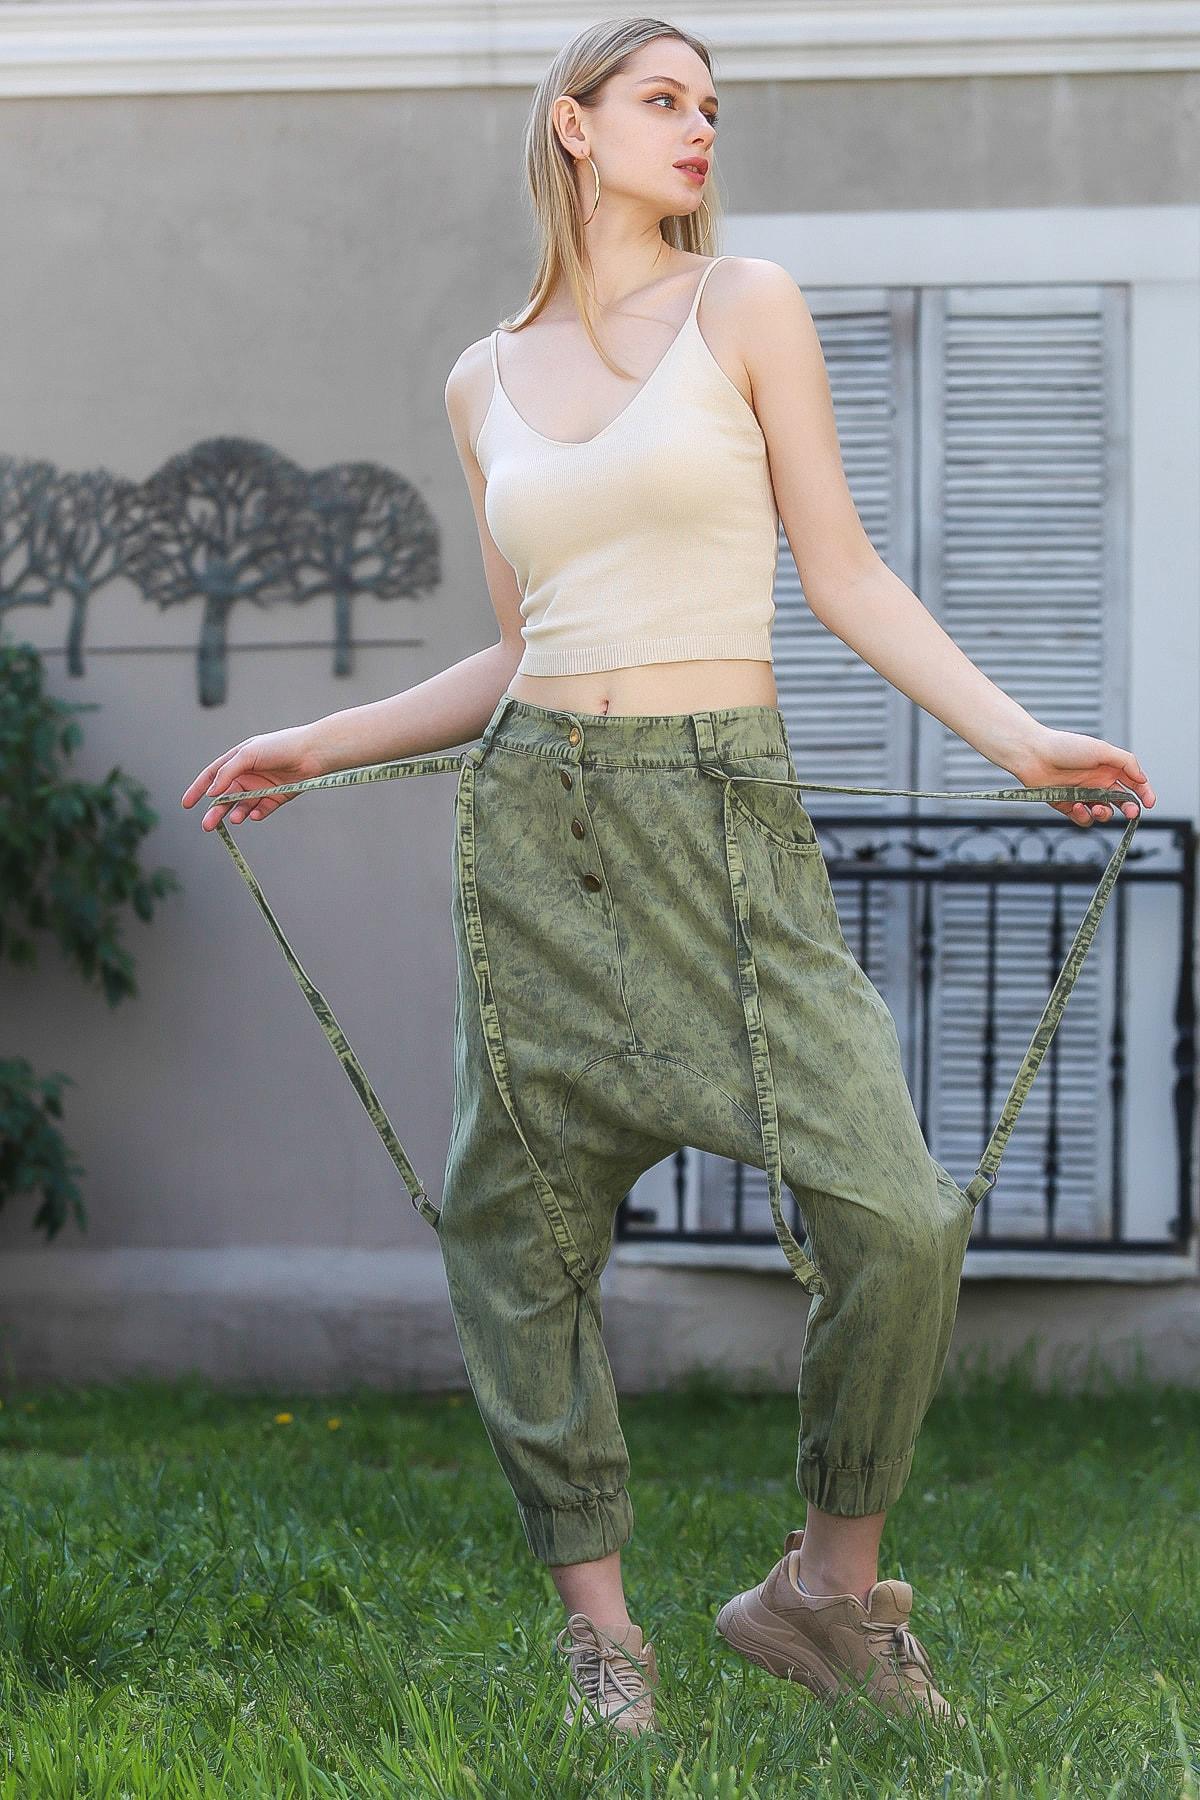 Chiccy Kadın Yeşil Özel Tasarım Çıtçıt Kapama İp Detaylı Yıkamalı Şalvar Pantolon M10060000PN98839